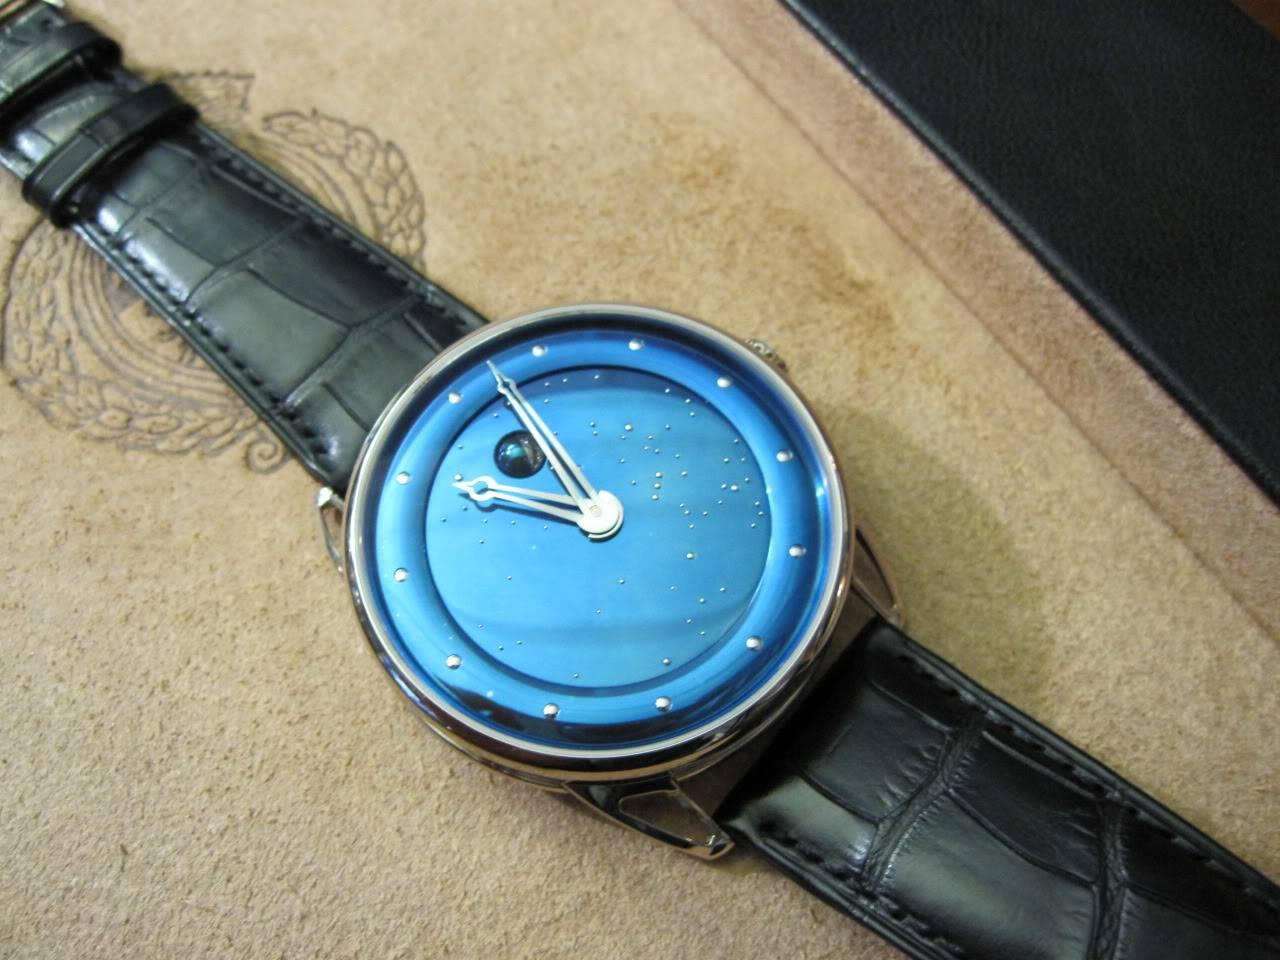 Où l'horlogerie devient art... (De Bethune inside) DB_SIHH2010_001